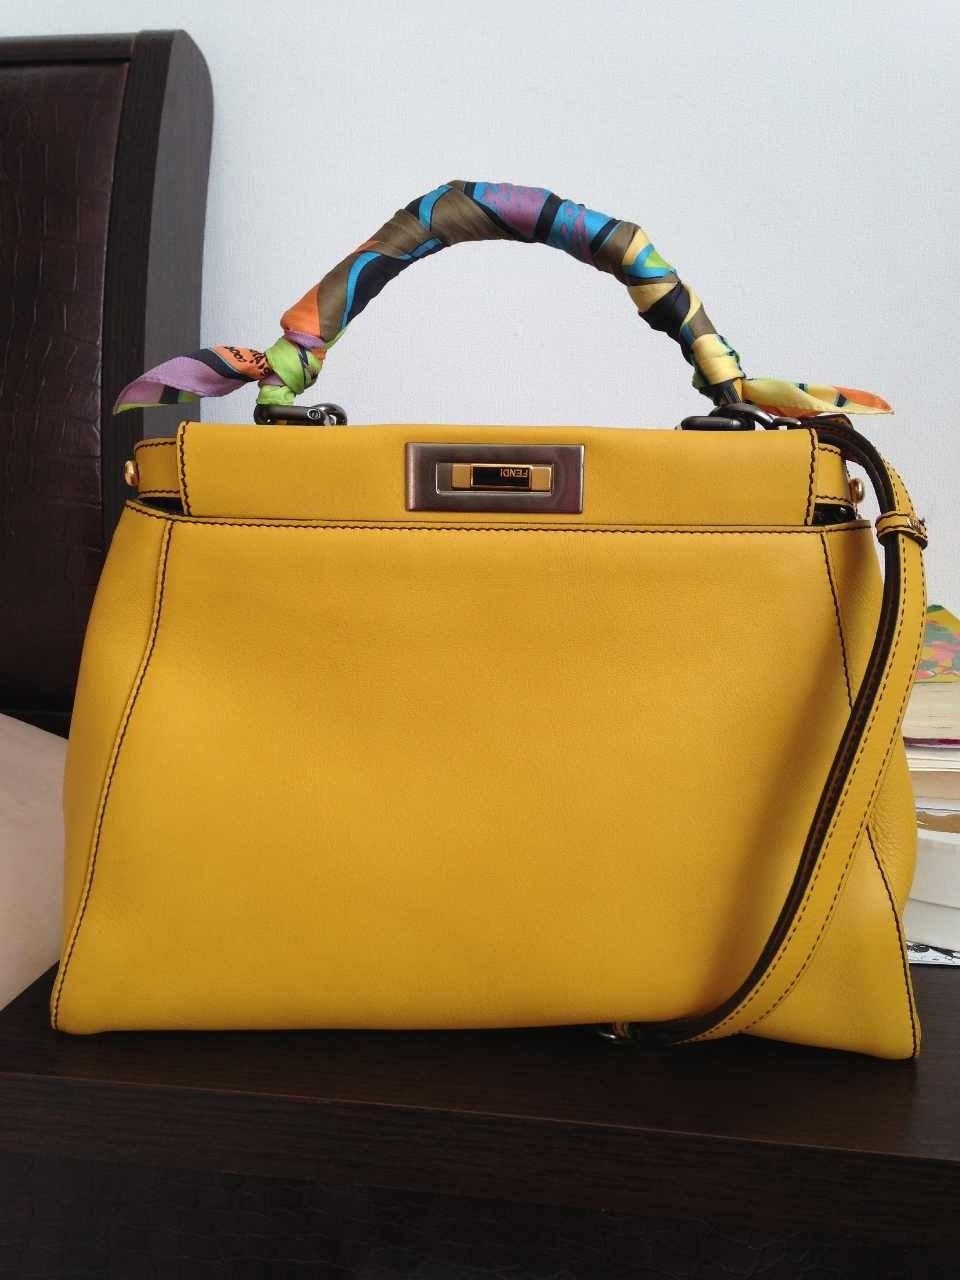 Fendi jhbubyfk сумка купить сумки шанель копии интернет магазин